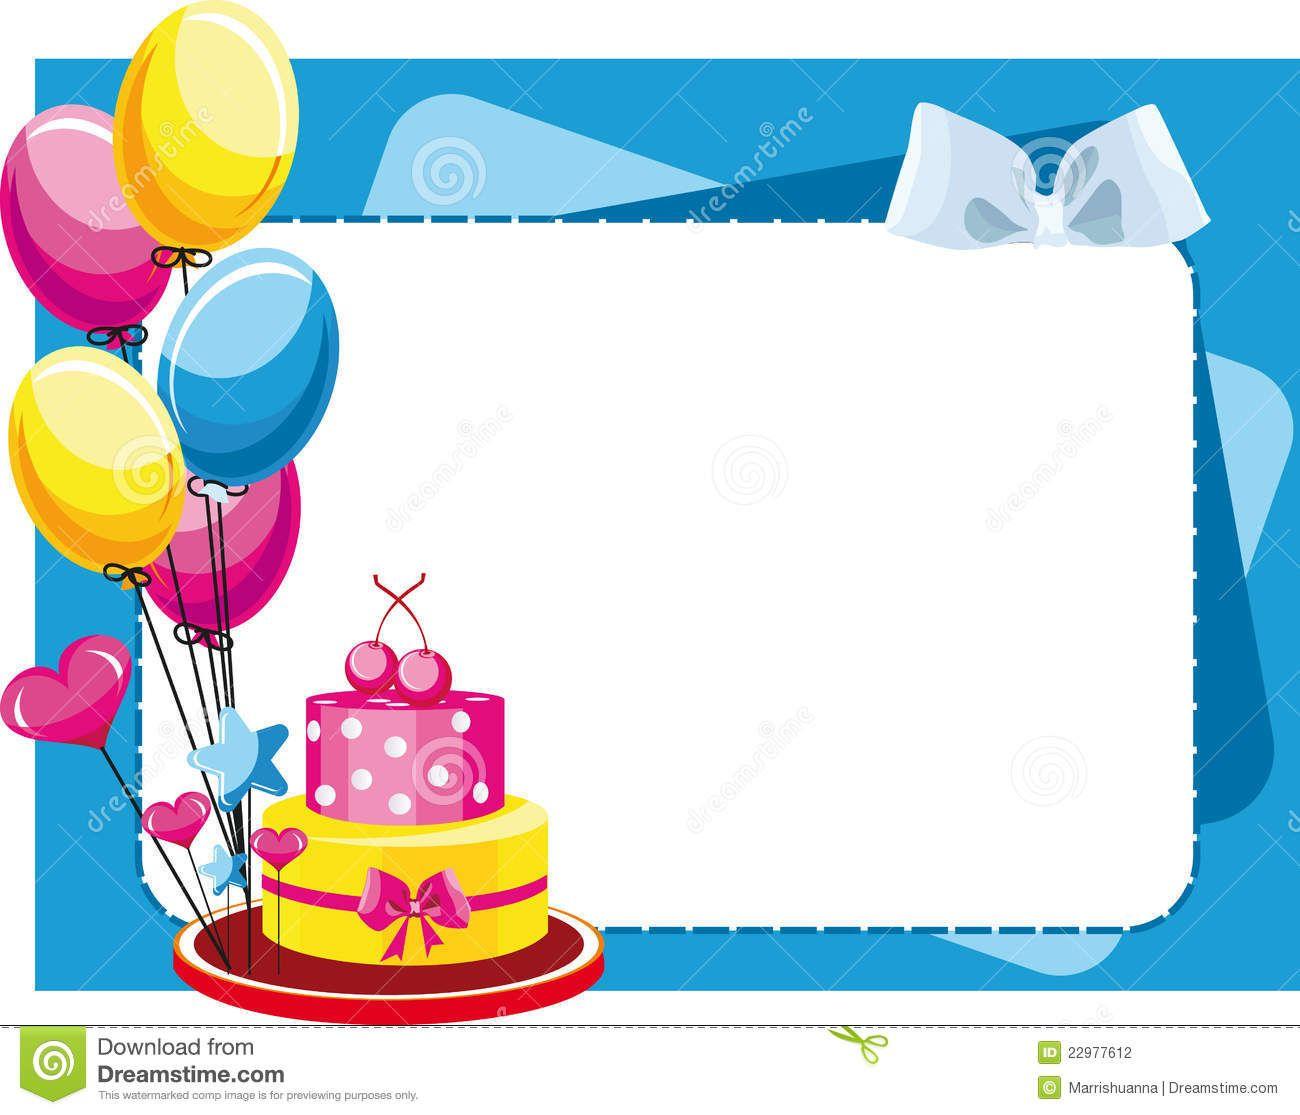 torta-congratulatoria-con-los-globos-para-el-cumpleaños-y-22977612 ...